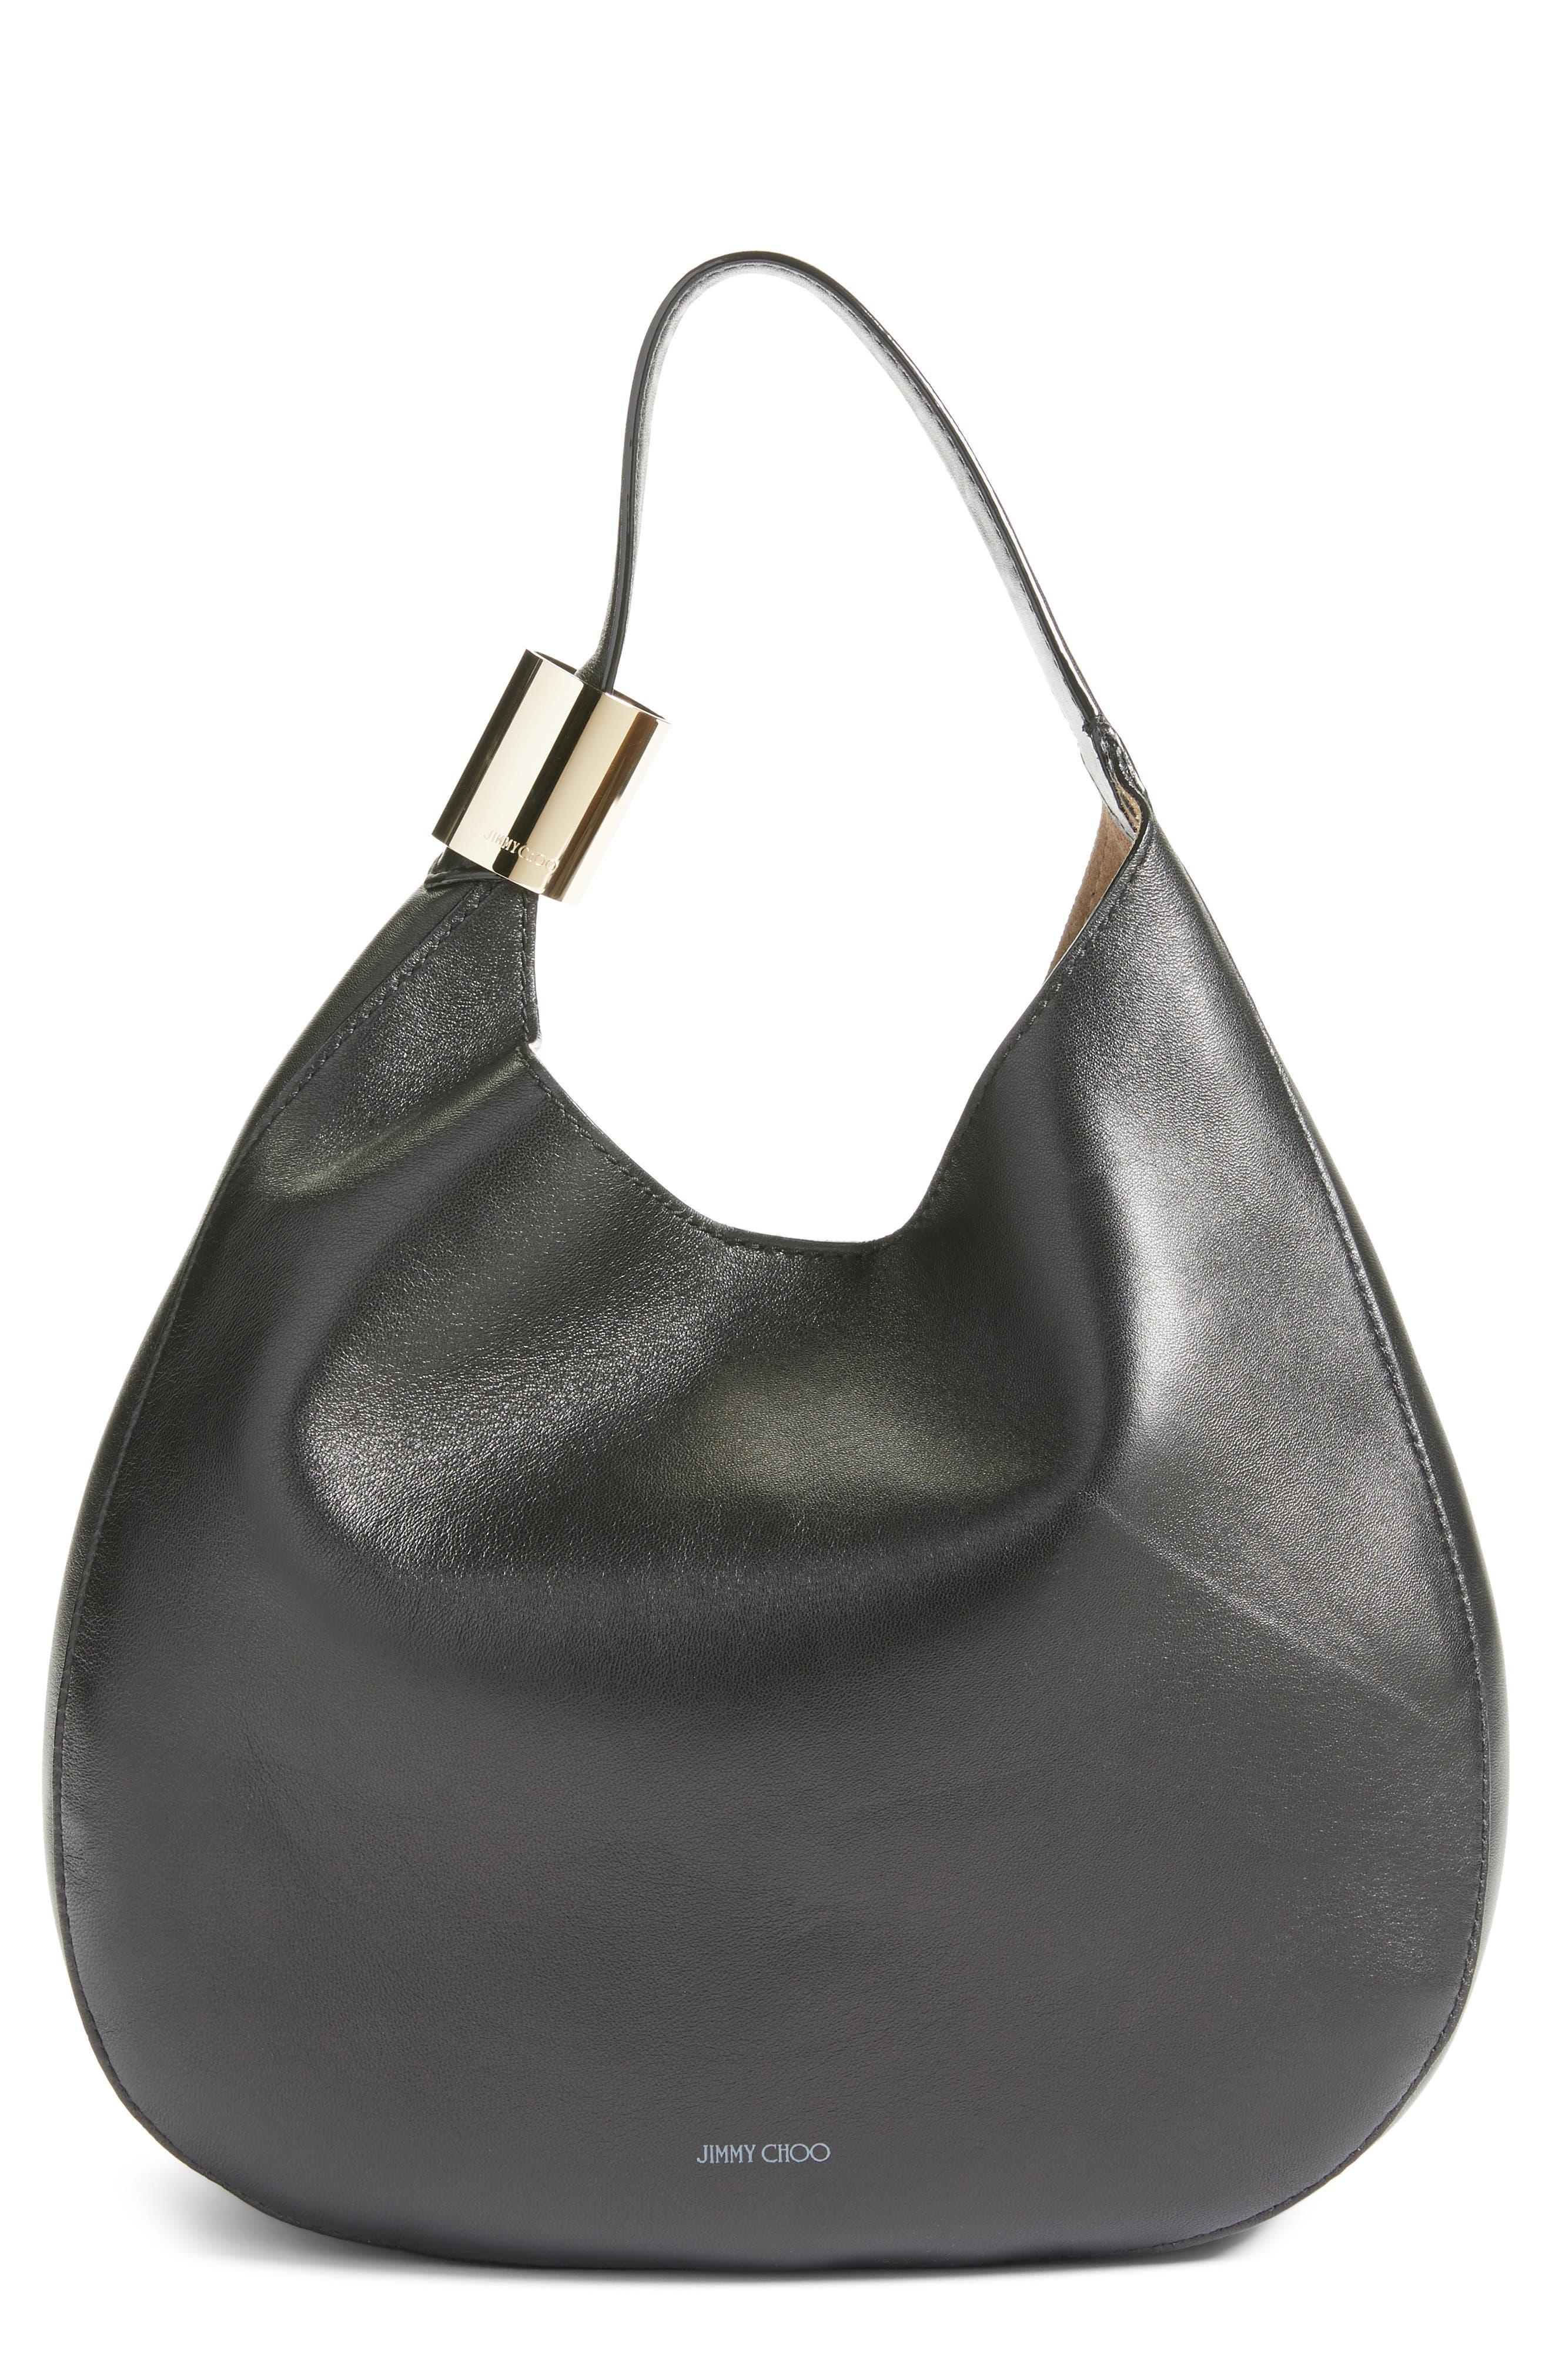 eacb42b0433b Jimmy Choo Women s Handbags   Purses